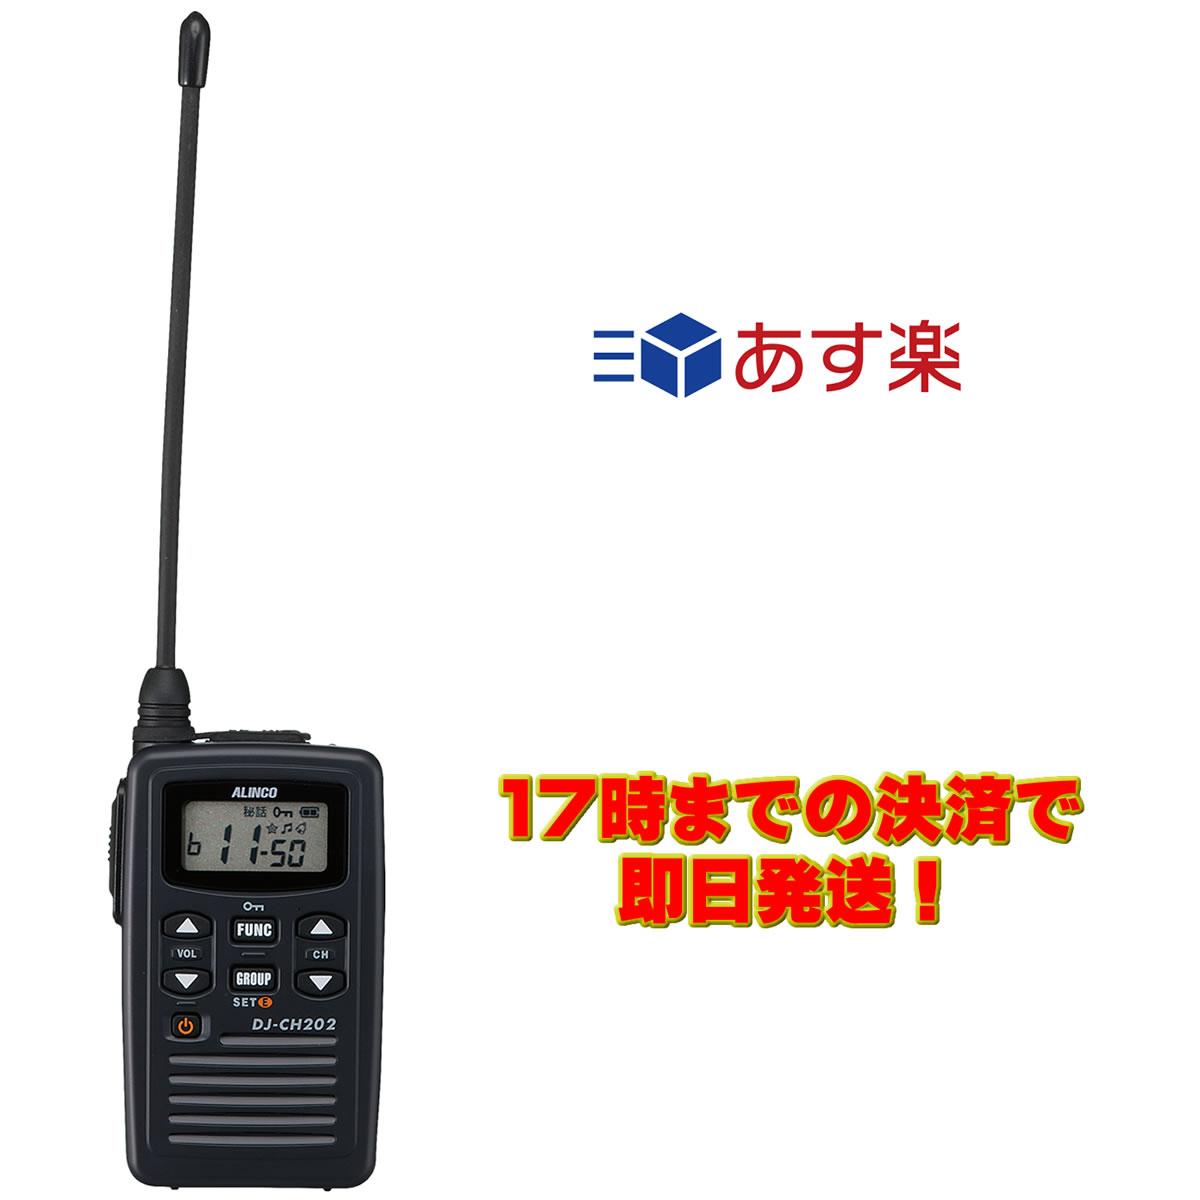 【ラッキーシール対応】DJ-CH202L アルインコ 特定小電力トランシーバー ロングアンテナ 単信 20ch<BR>